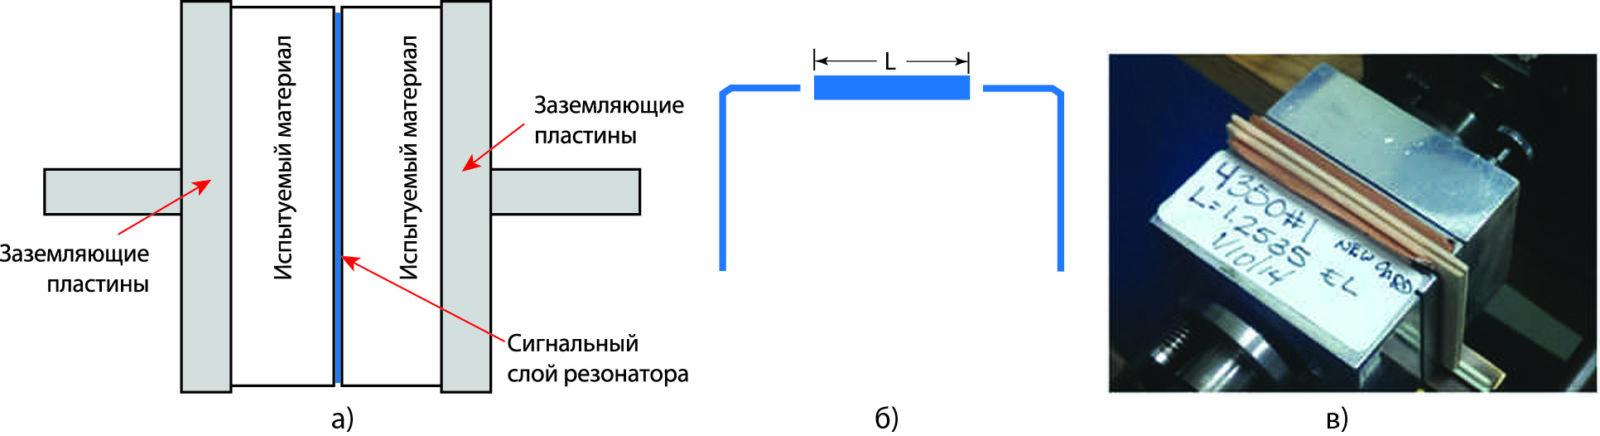 Тестовая установка с использованием зажатой между образцами испытуемого материала микрополосковой линии